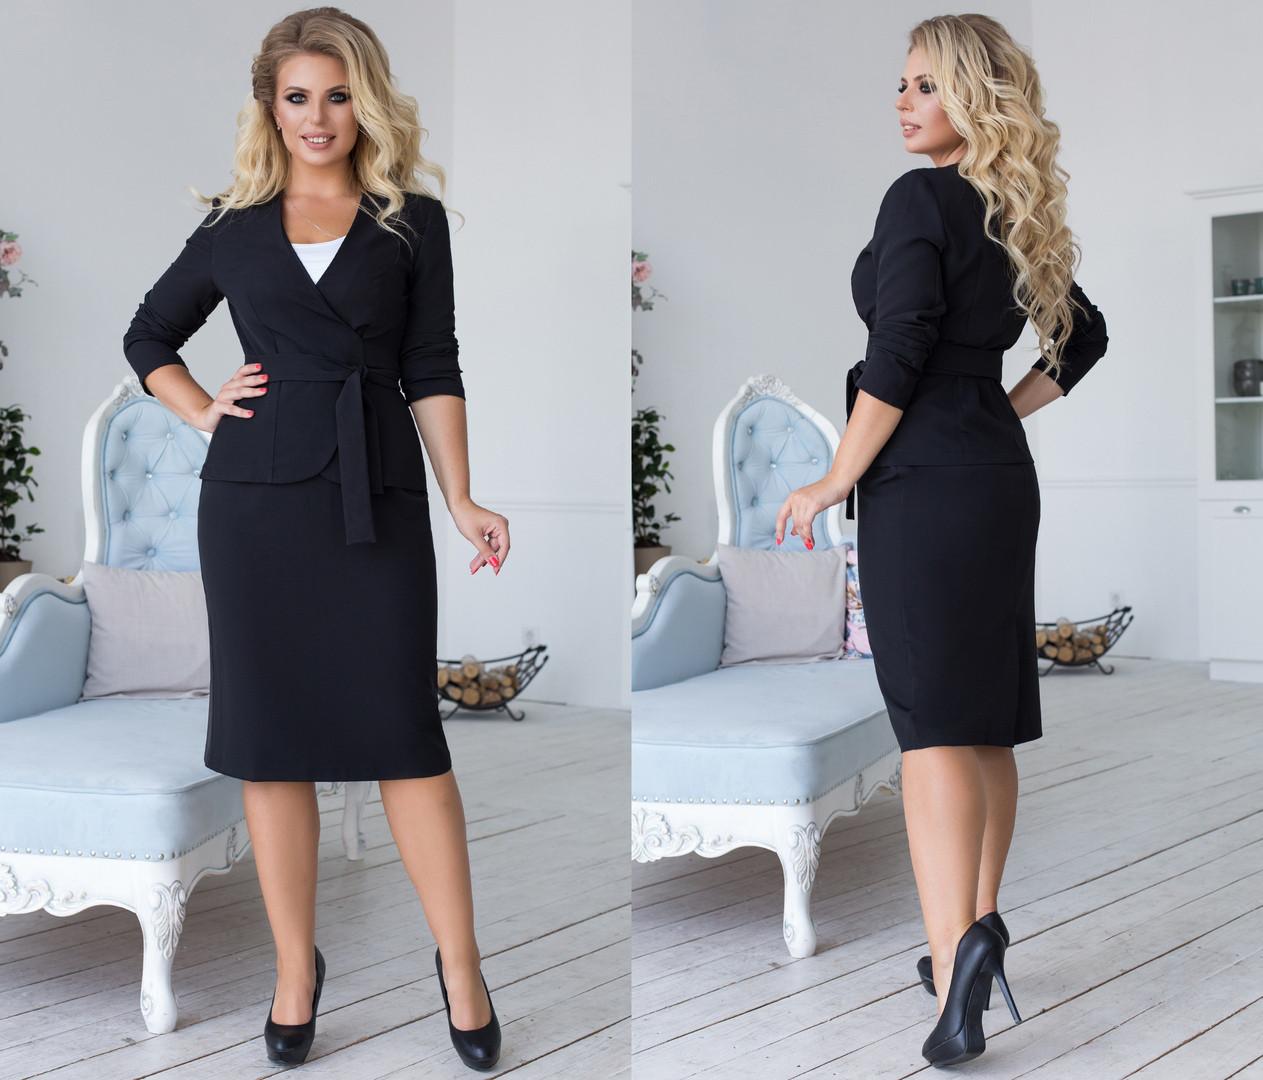 Комплект ТРОЙКА больших размеров 48+ -  майка, юбка и пиджак на запах  / 4 цвета  арт 6693-93